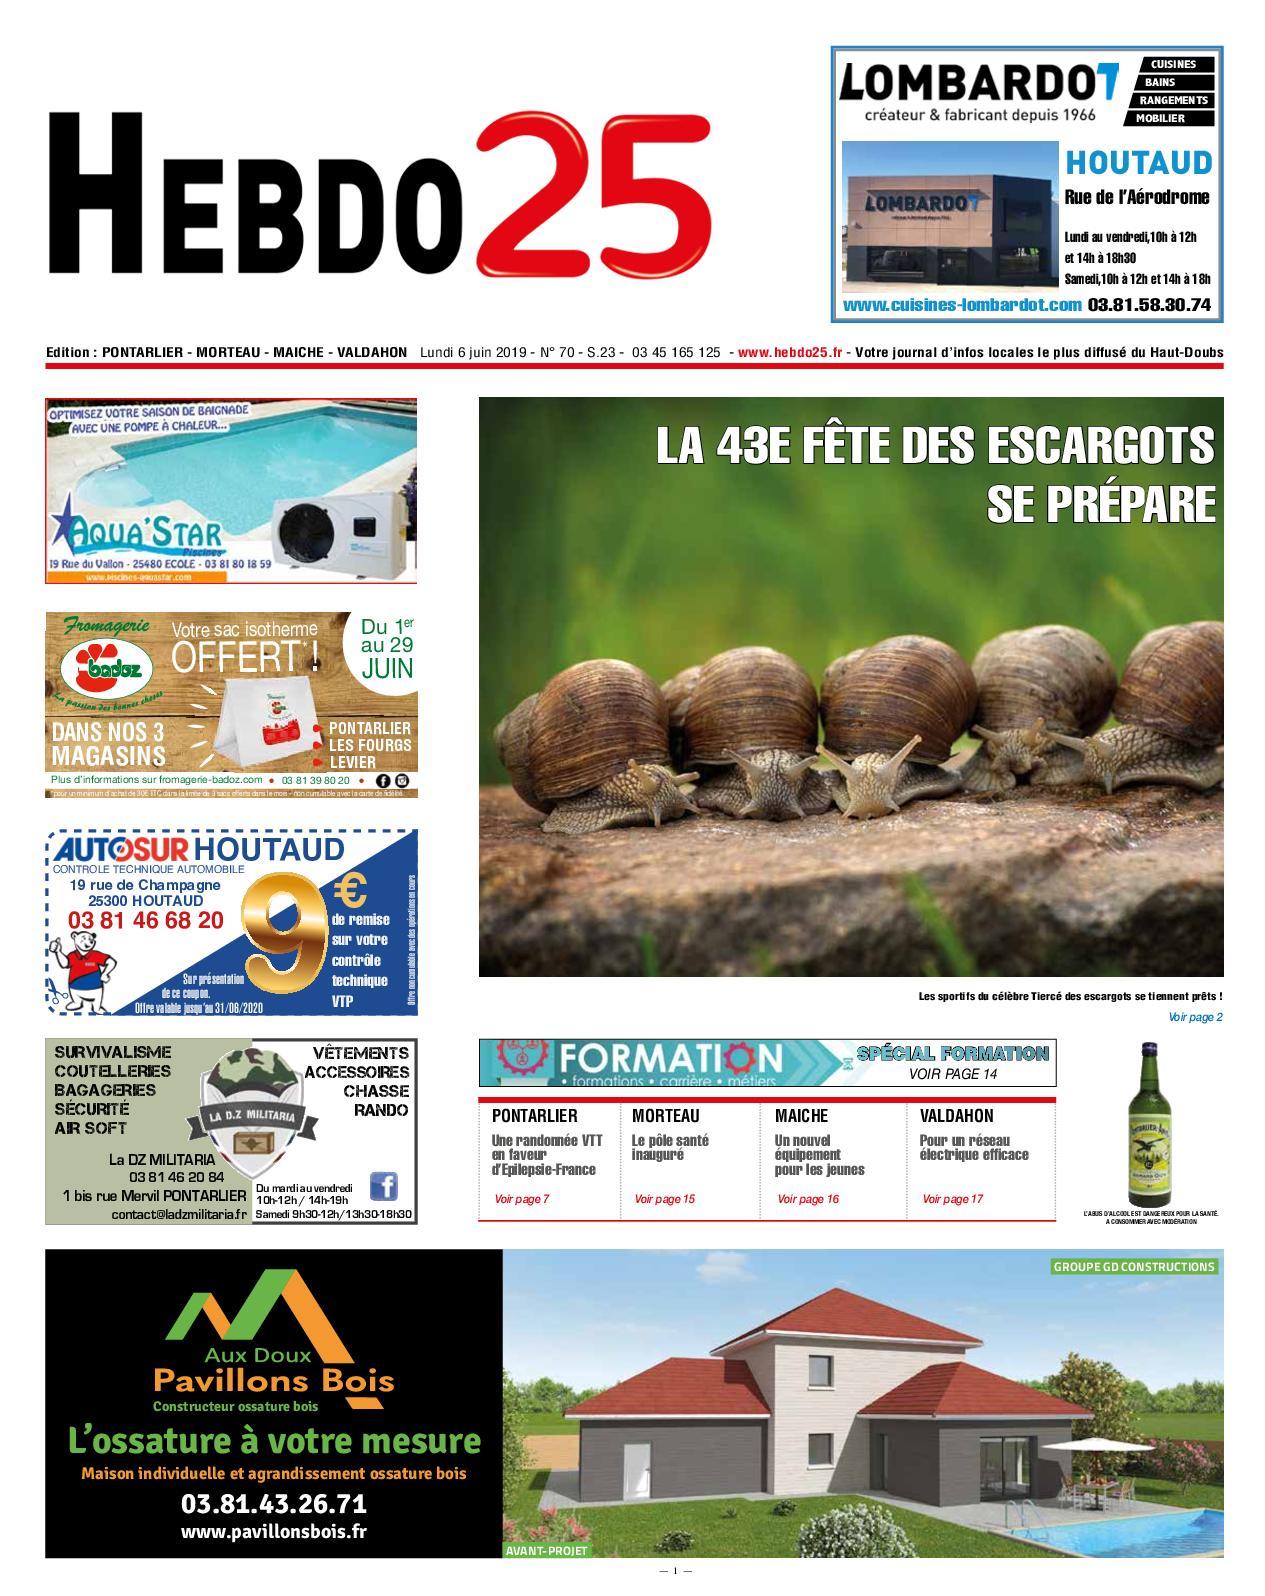 Meuble En Fer forgé Et Bois Luxe Calaméo Hebdo Pontarlier 2019 Semaine 23 Of 40 Inspirant Meuble En Fer forgé Et Bois